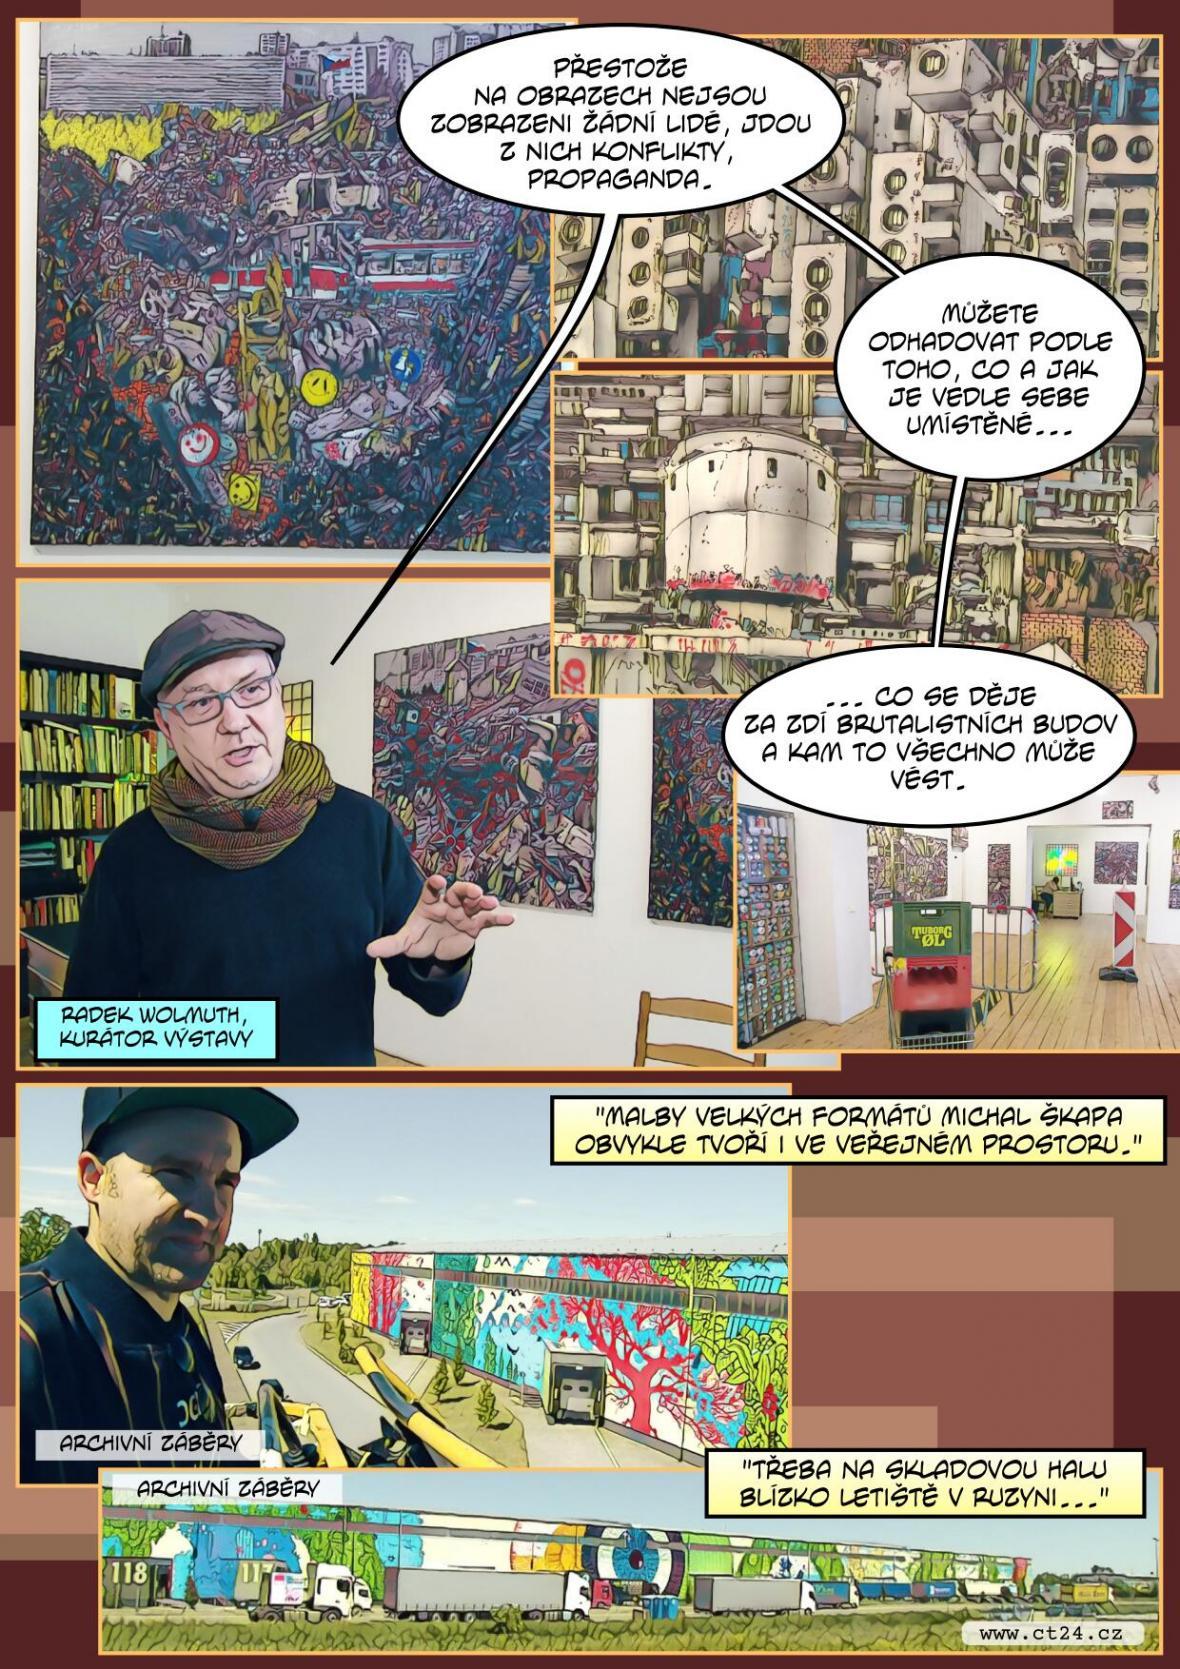 Streetartová výstava v Praze. Výtvarník komiksovými prvky ztvárňuje třeba bourání pomníků